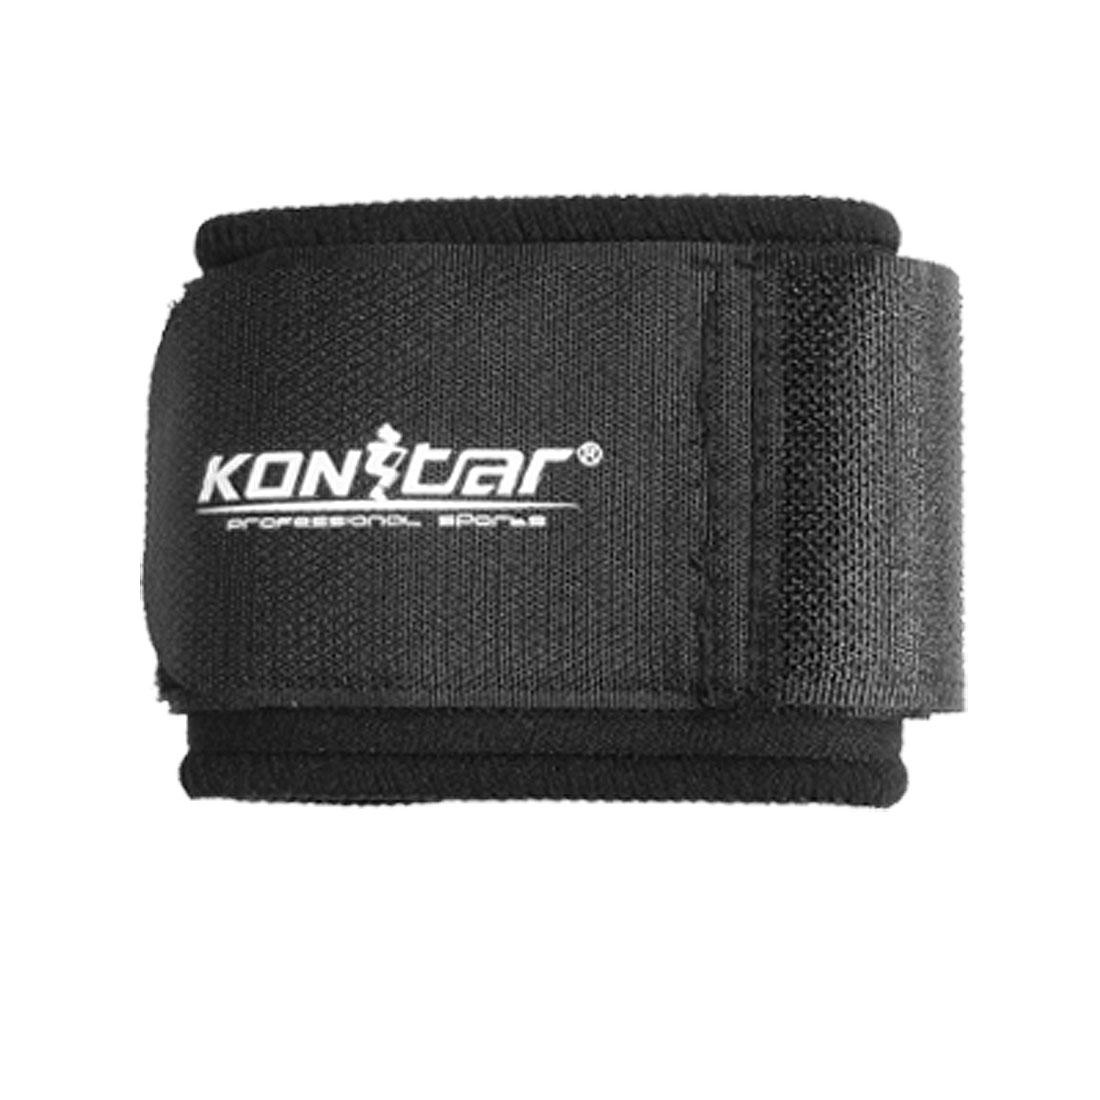 Black Hook Loop Fastener Neoprene Adjustable Wrist Support Protector